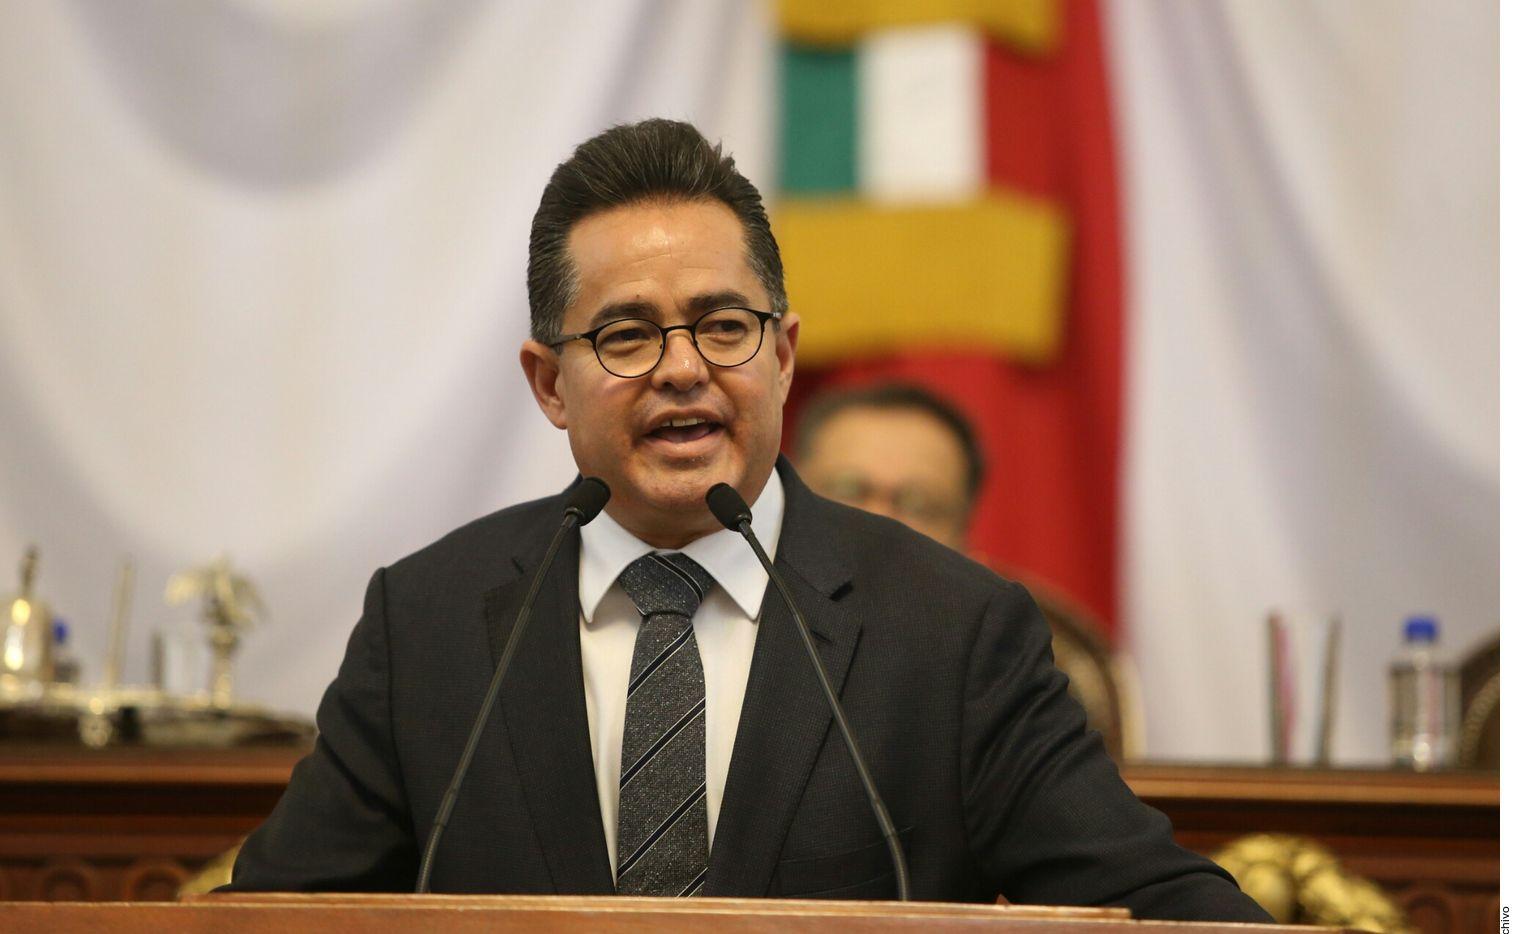 El accidente donde perdió la vida el diputado de la Ciudad de México Leonel Luna se registró a las 4:20 horas, en Río Churubusco y Biógrafos, Colonia El Sifón, Alcaldía Iztapalapa.